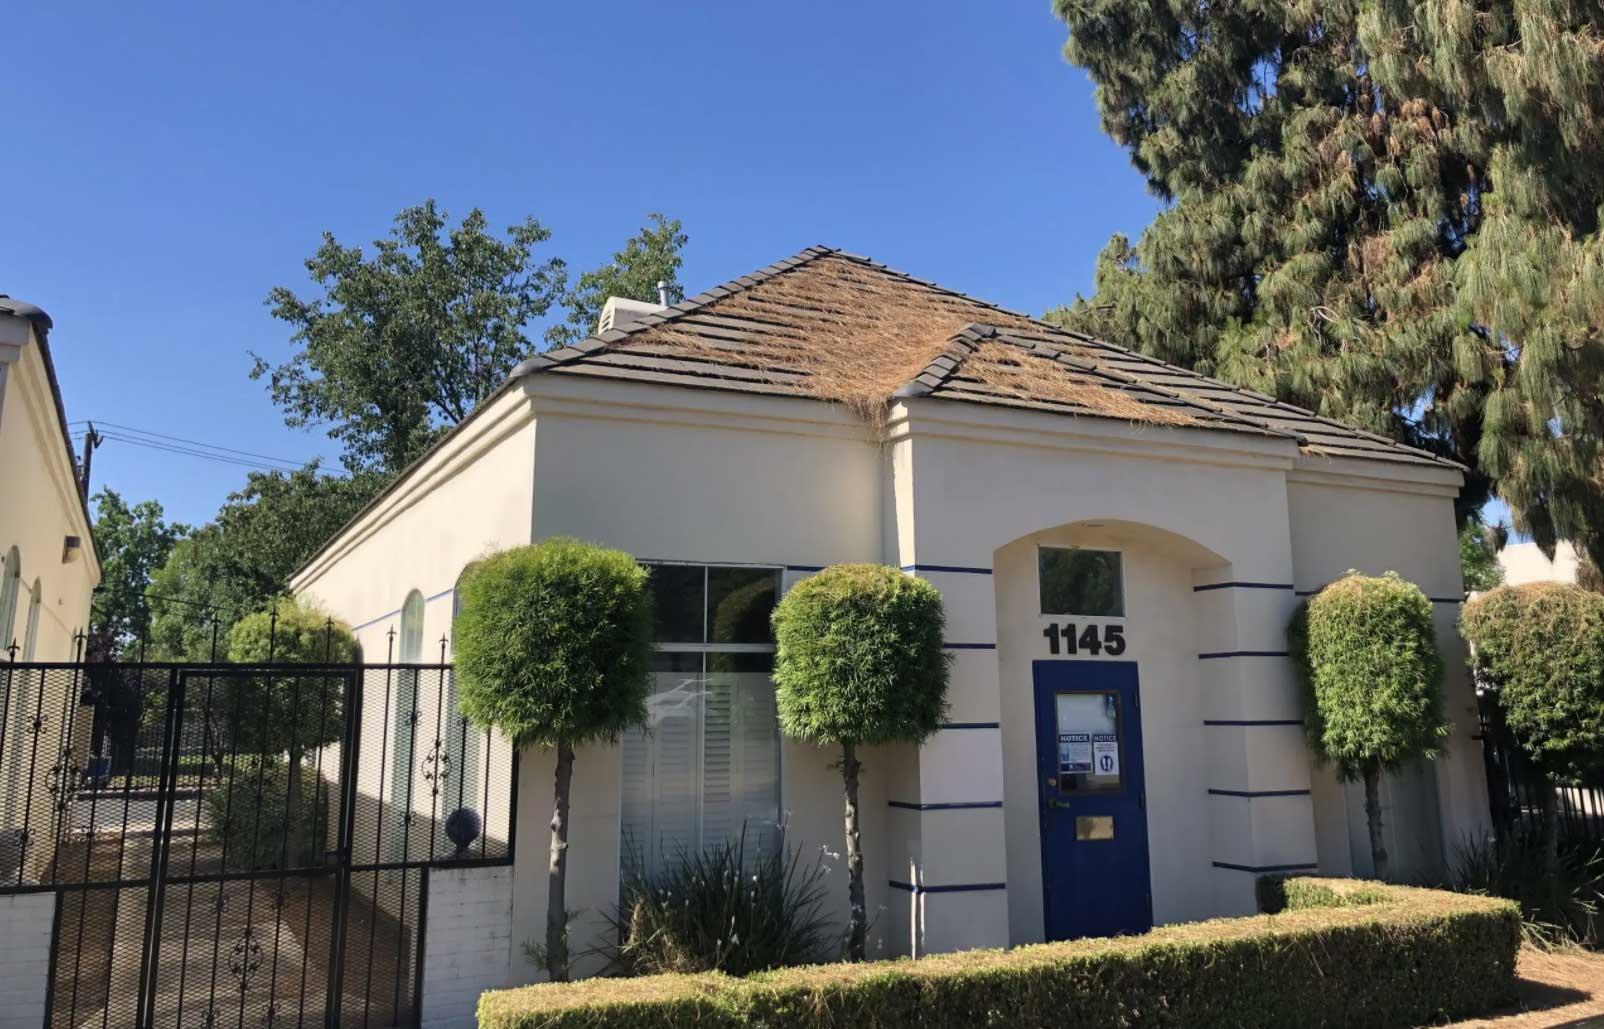 1145 E Shaw Ave Fresno, CA 93710